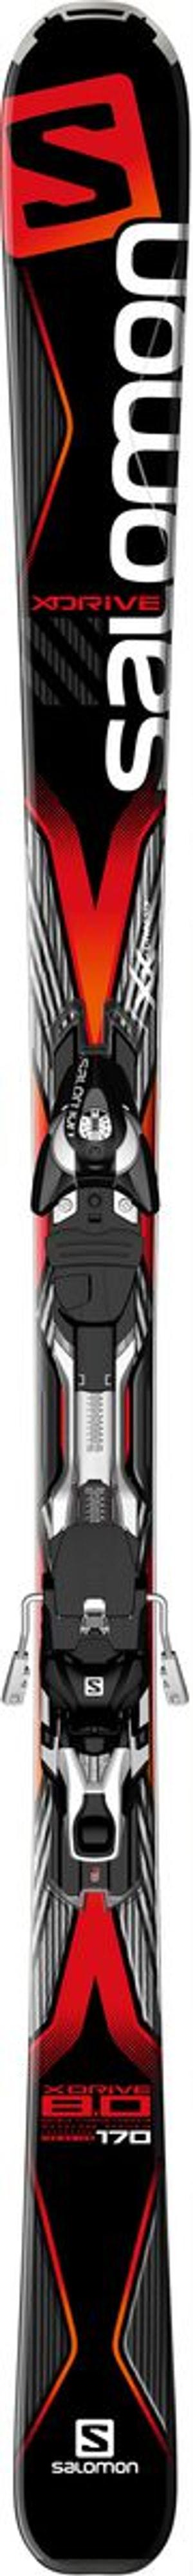 X-Drive 8.0 incl. XT10